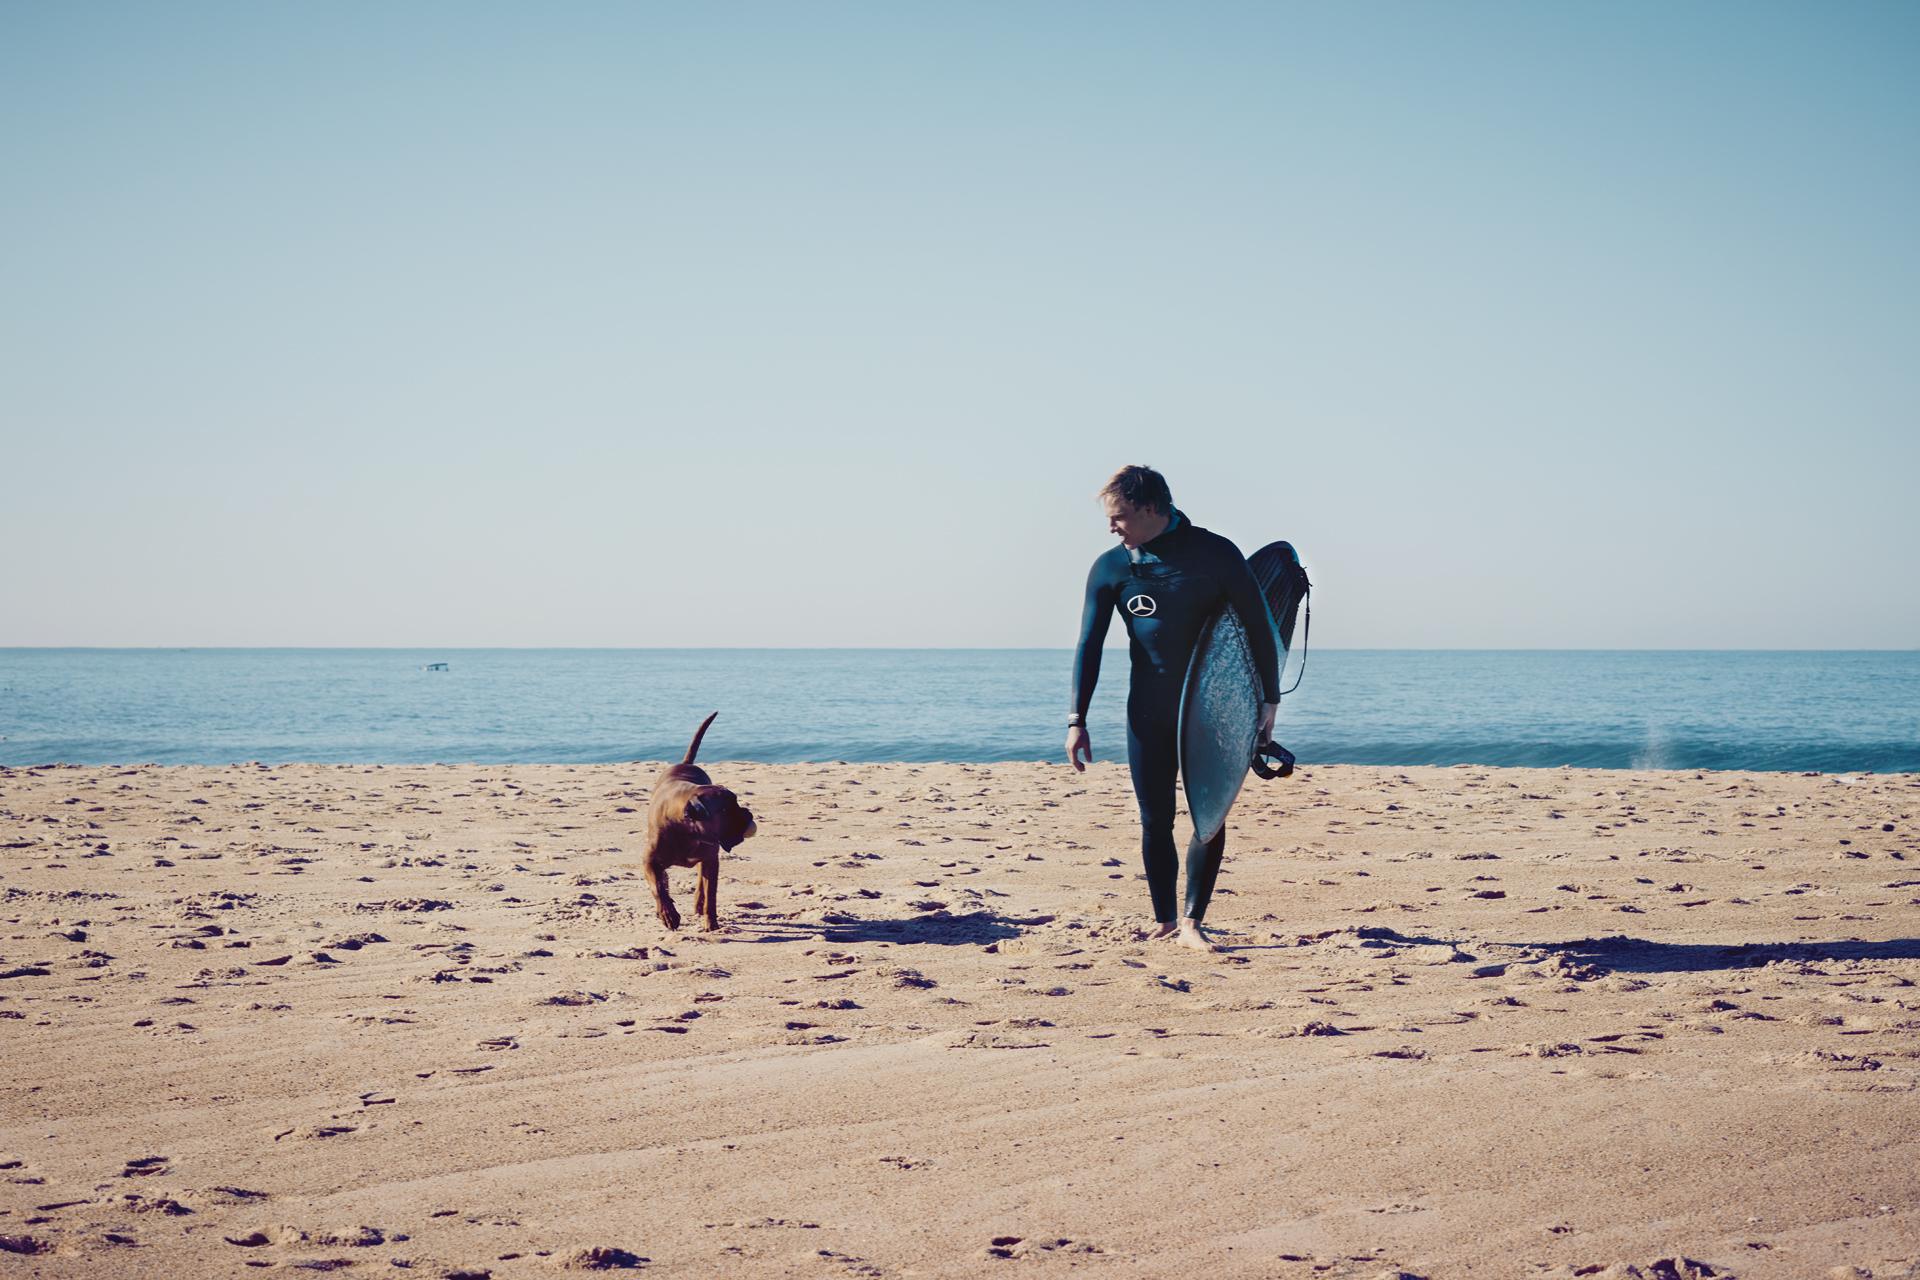 portugal, nazare, sebastian steudtner, surf, mercedes benz